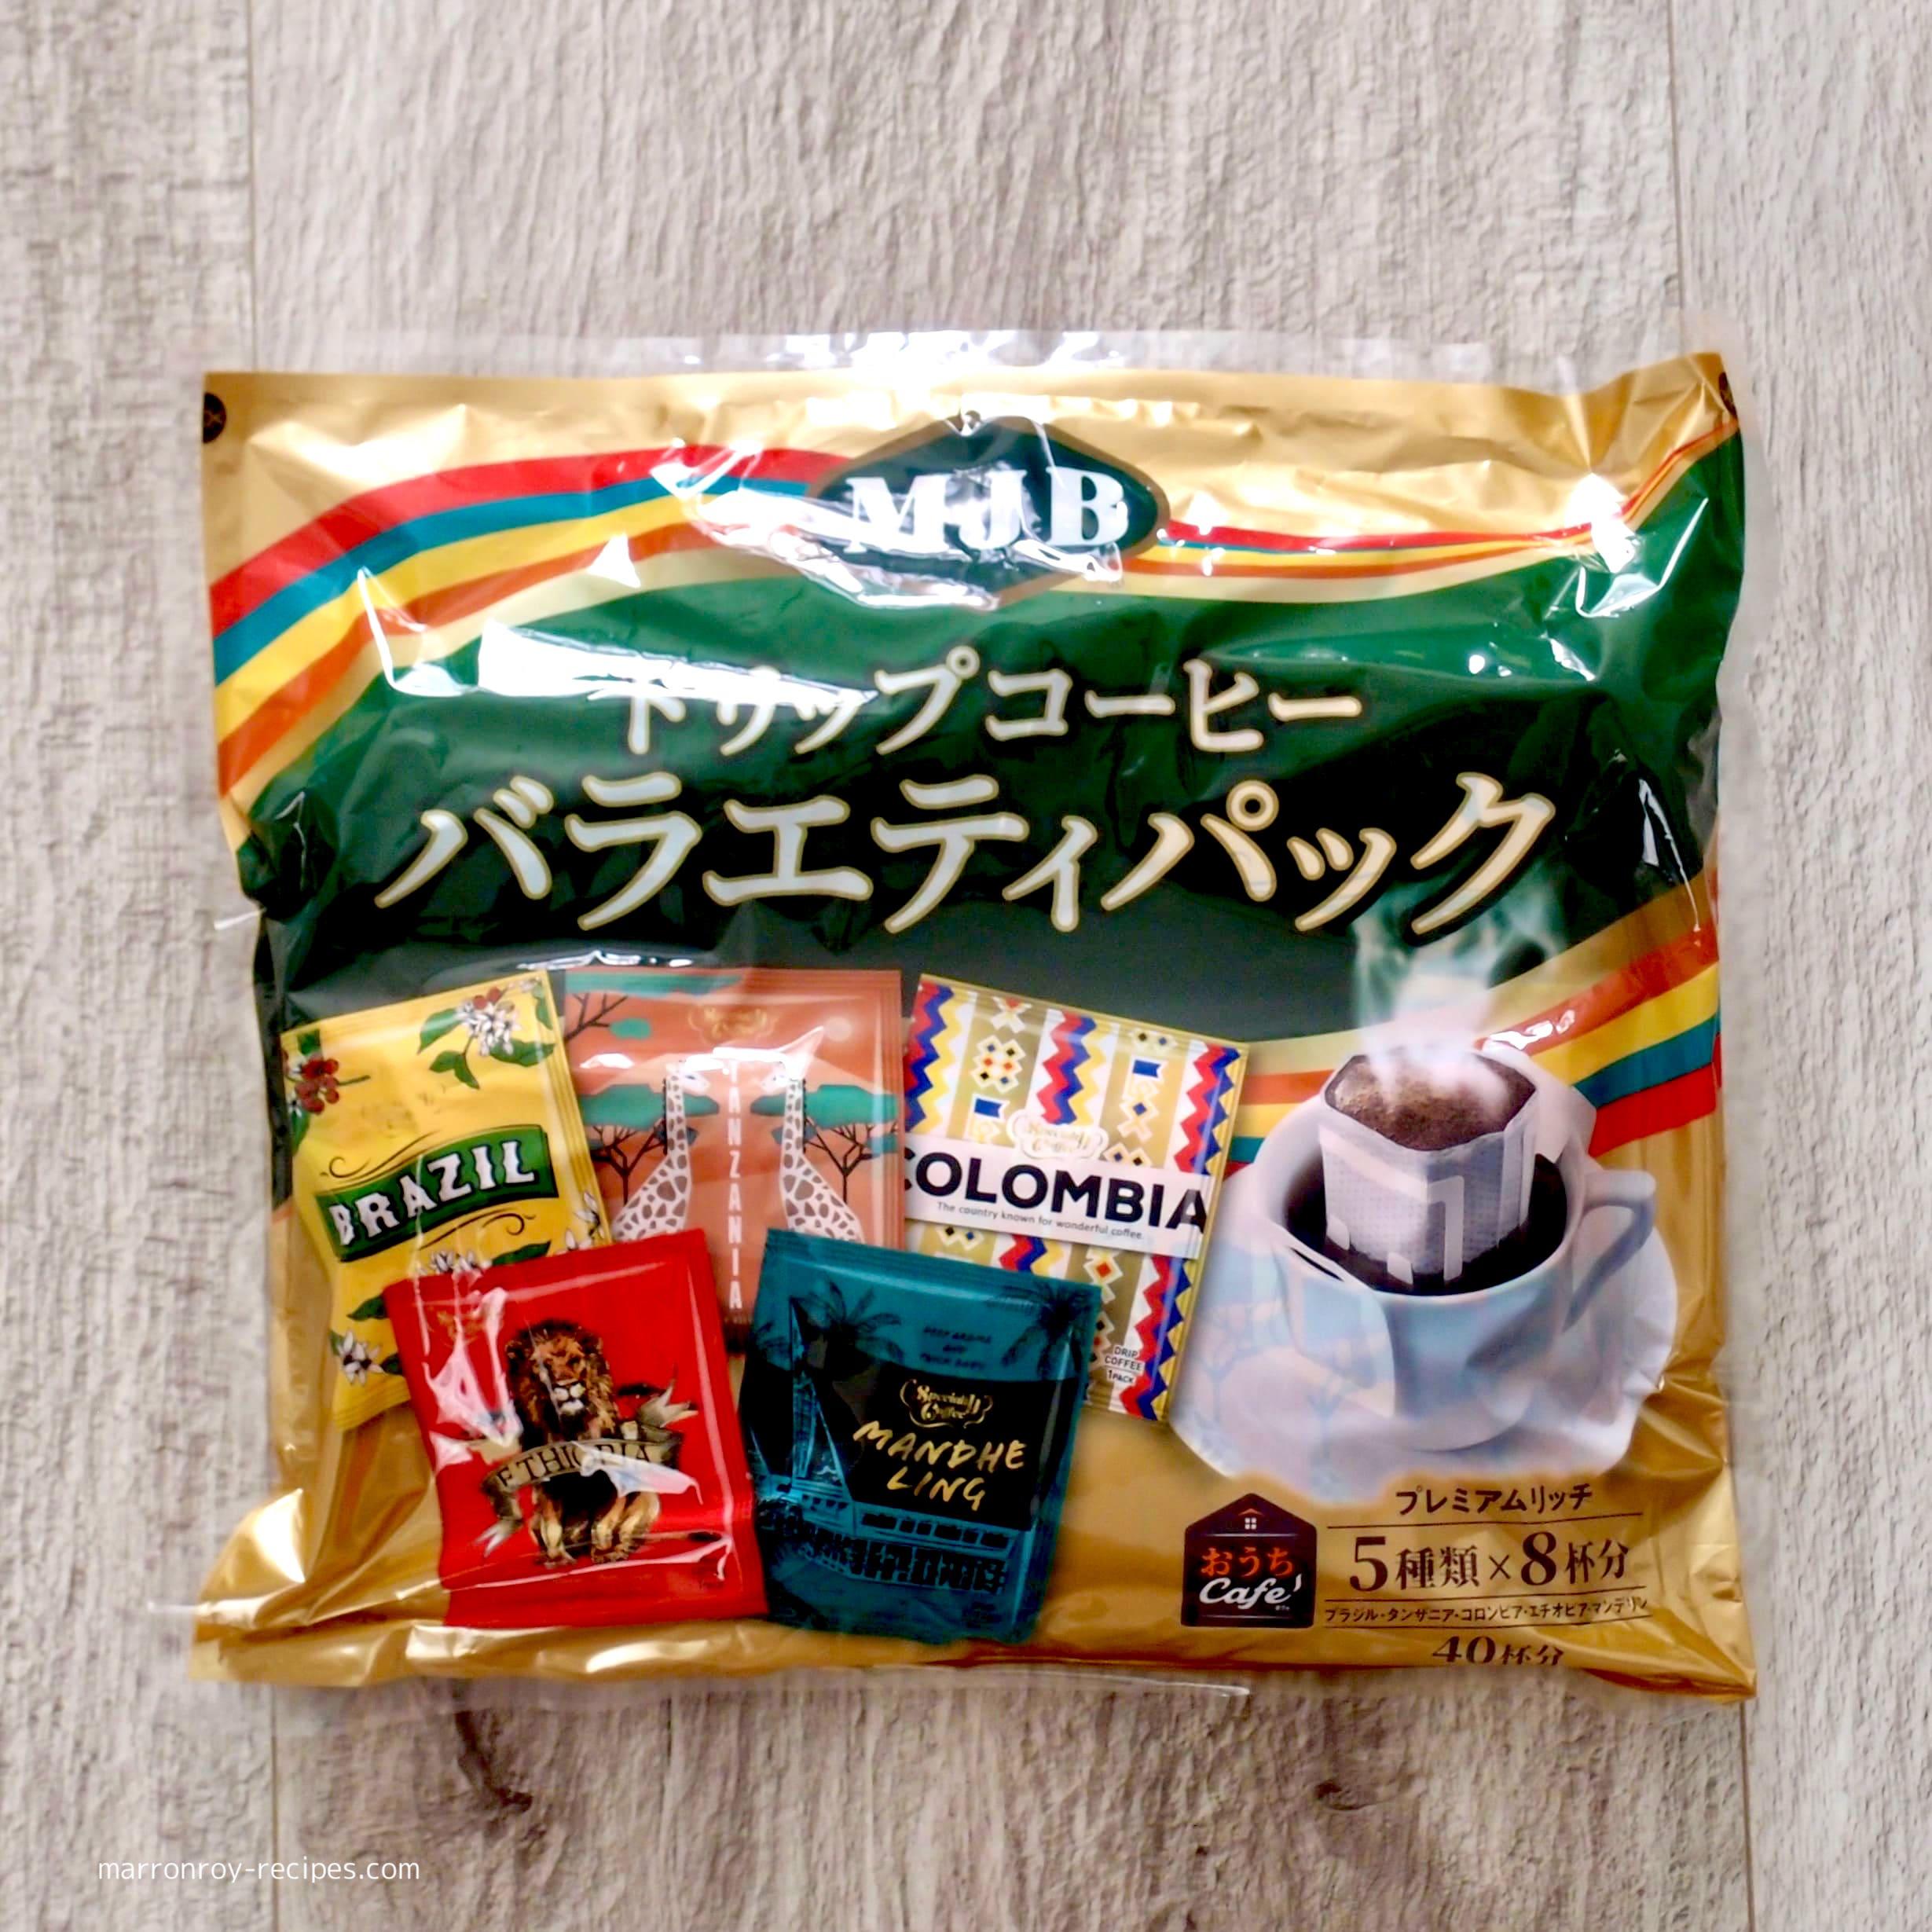 """世界を旅できるコーヒー!?コストコ""""MJB ドリップコーヒー バラエティパック"""""""